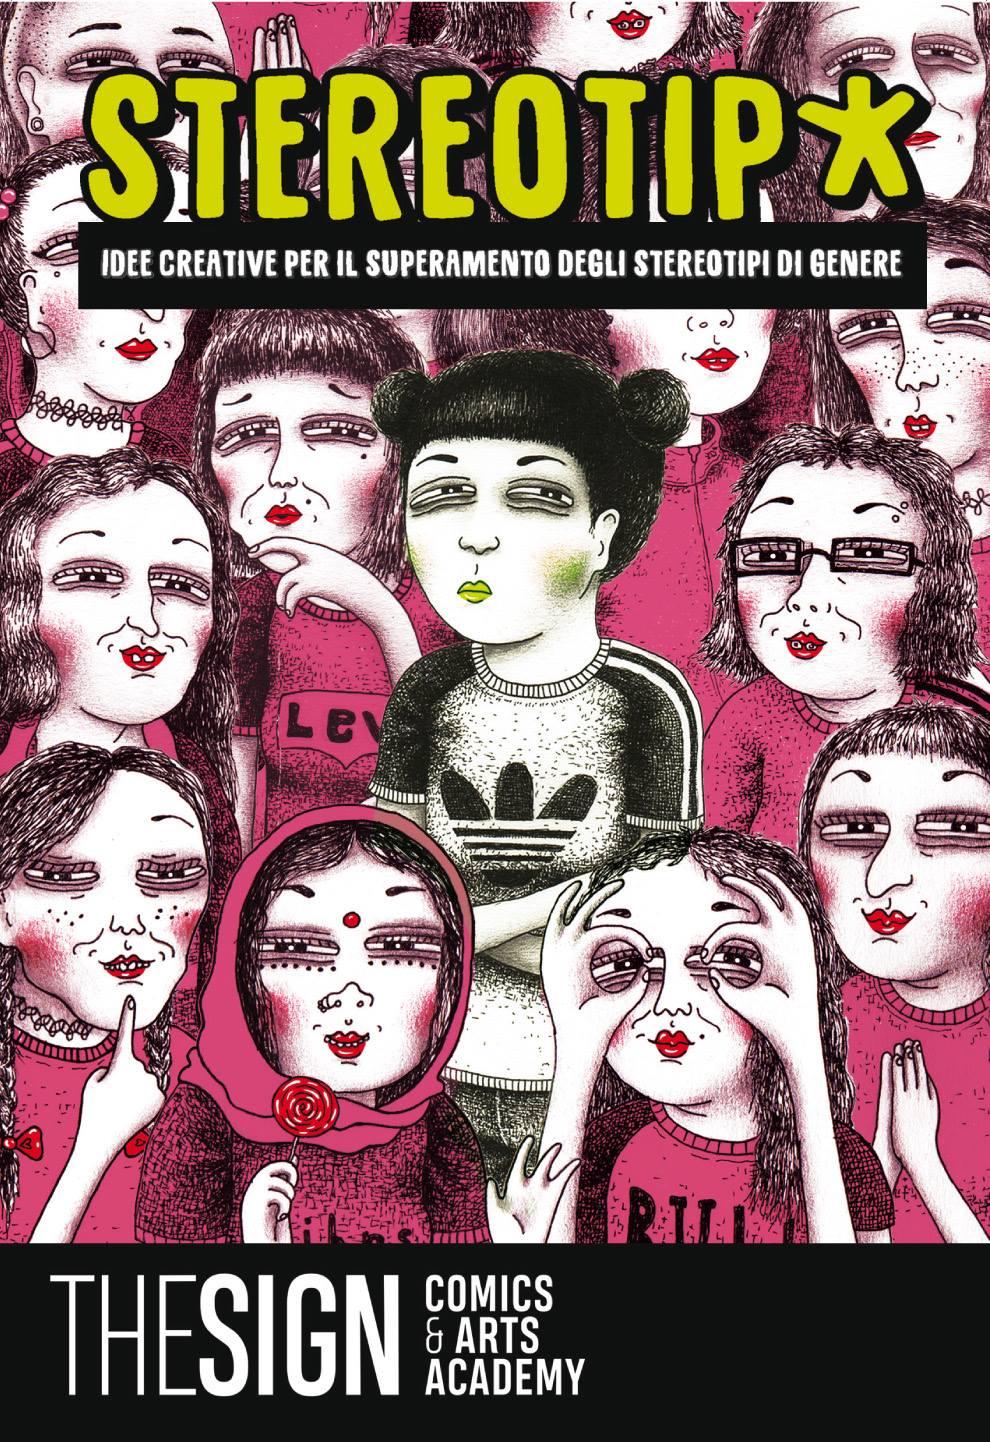 Stereotip* – idee creative per il superamento degli stereotipi di genere